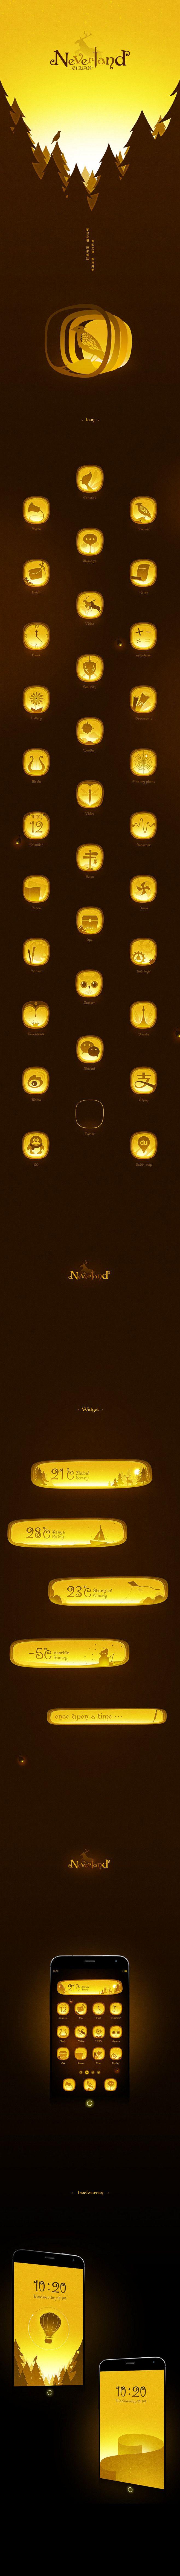 Neverland-梦幻岛